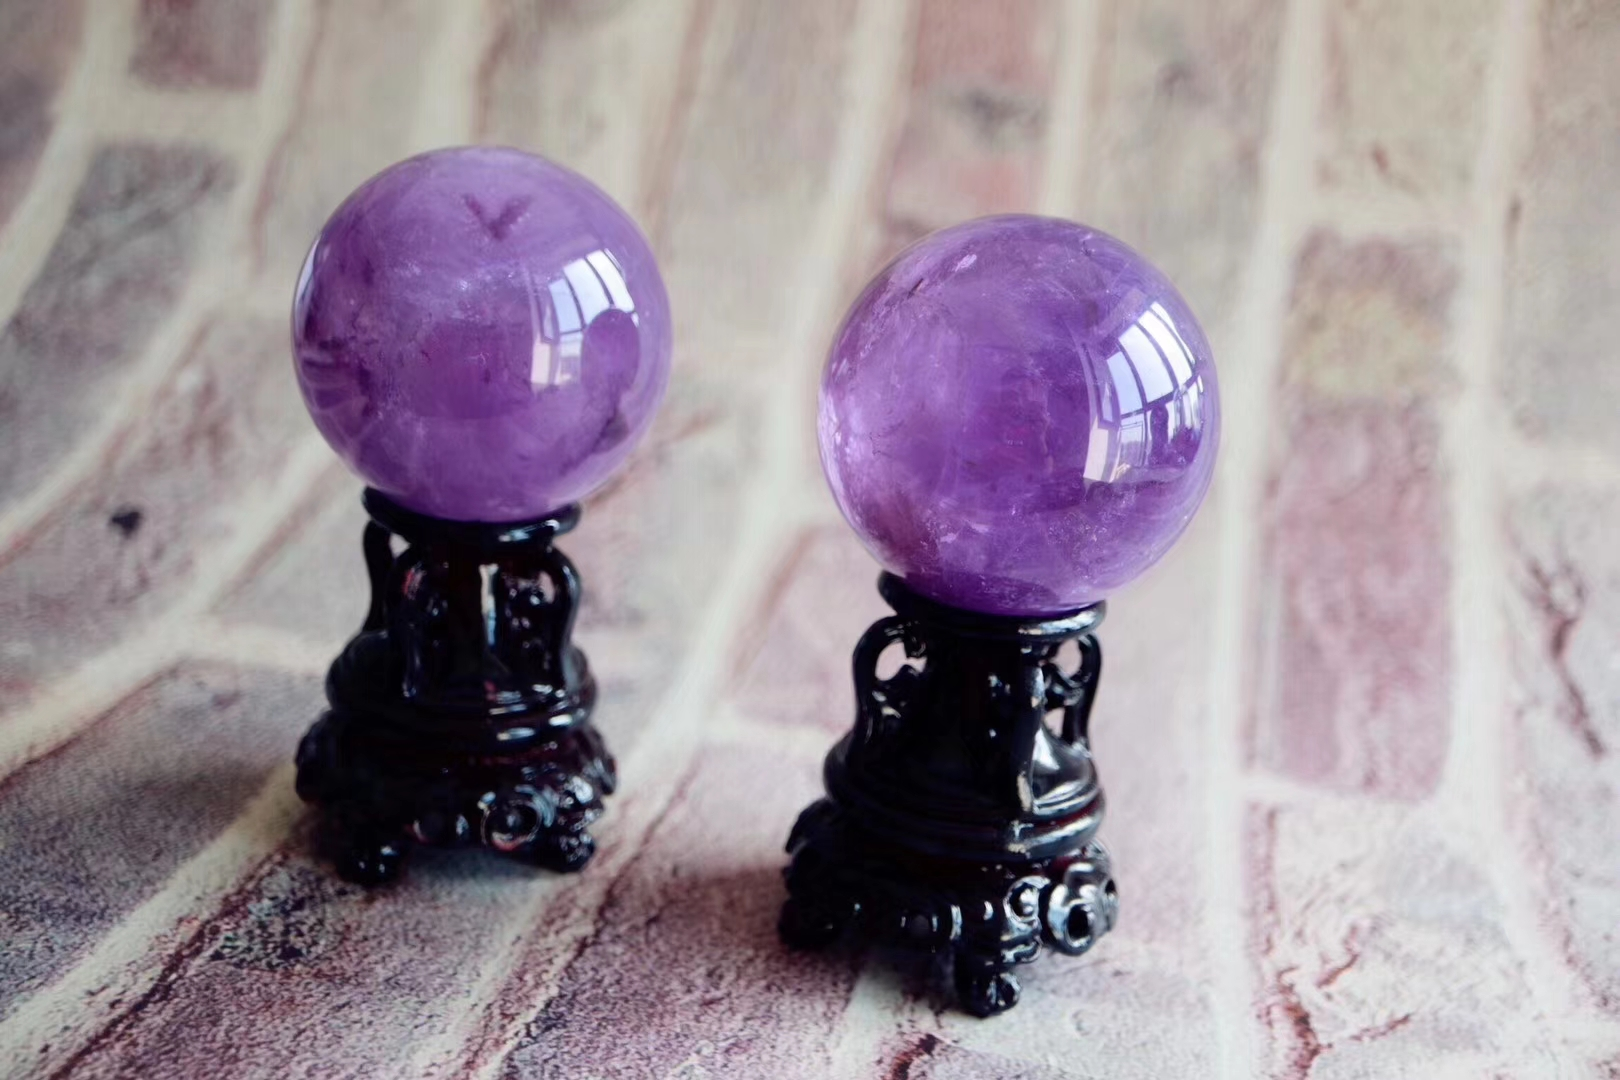 【紫晶球】颜色极美的紫晶球,最是稀有少见-菩心晶舍